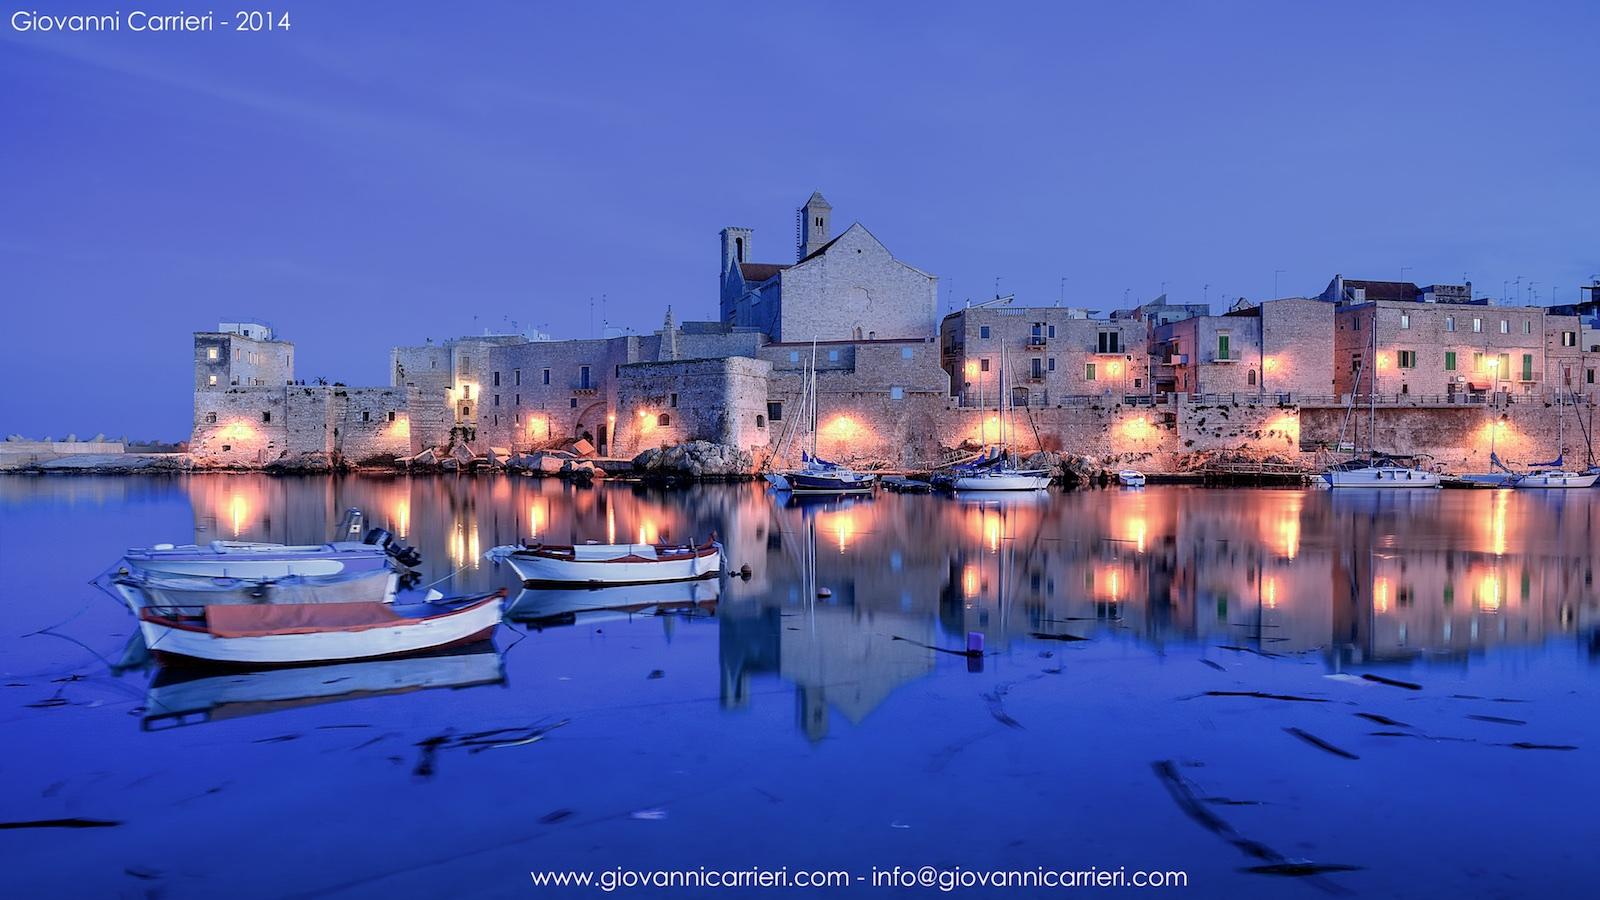 l'imbrunire sul porto di Giovinazzo